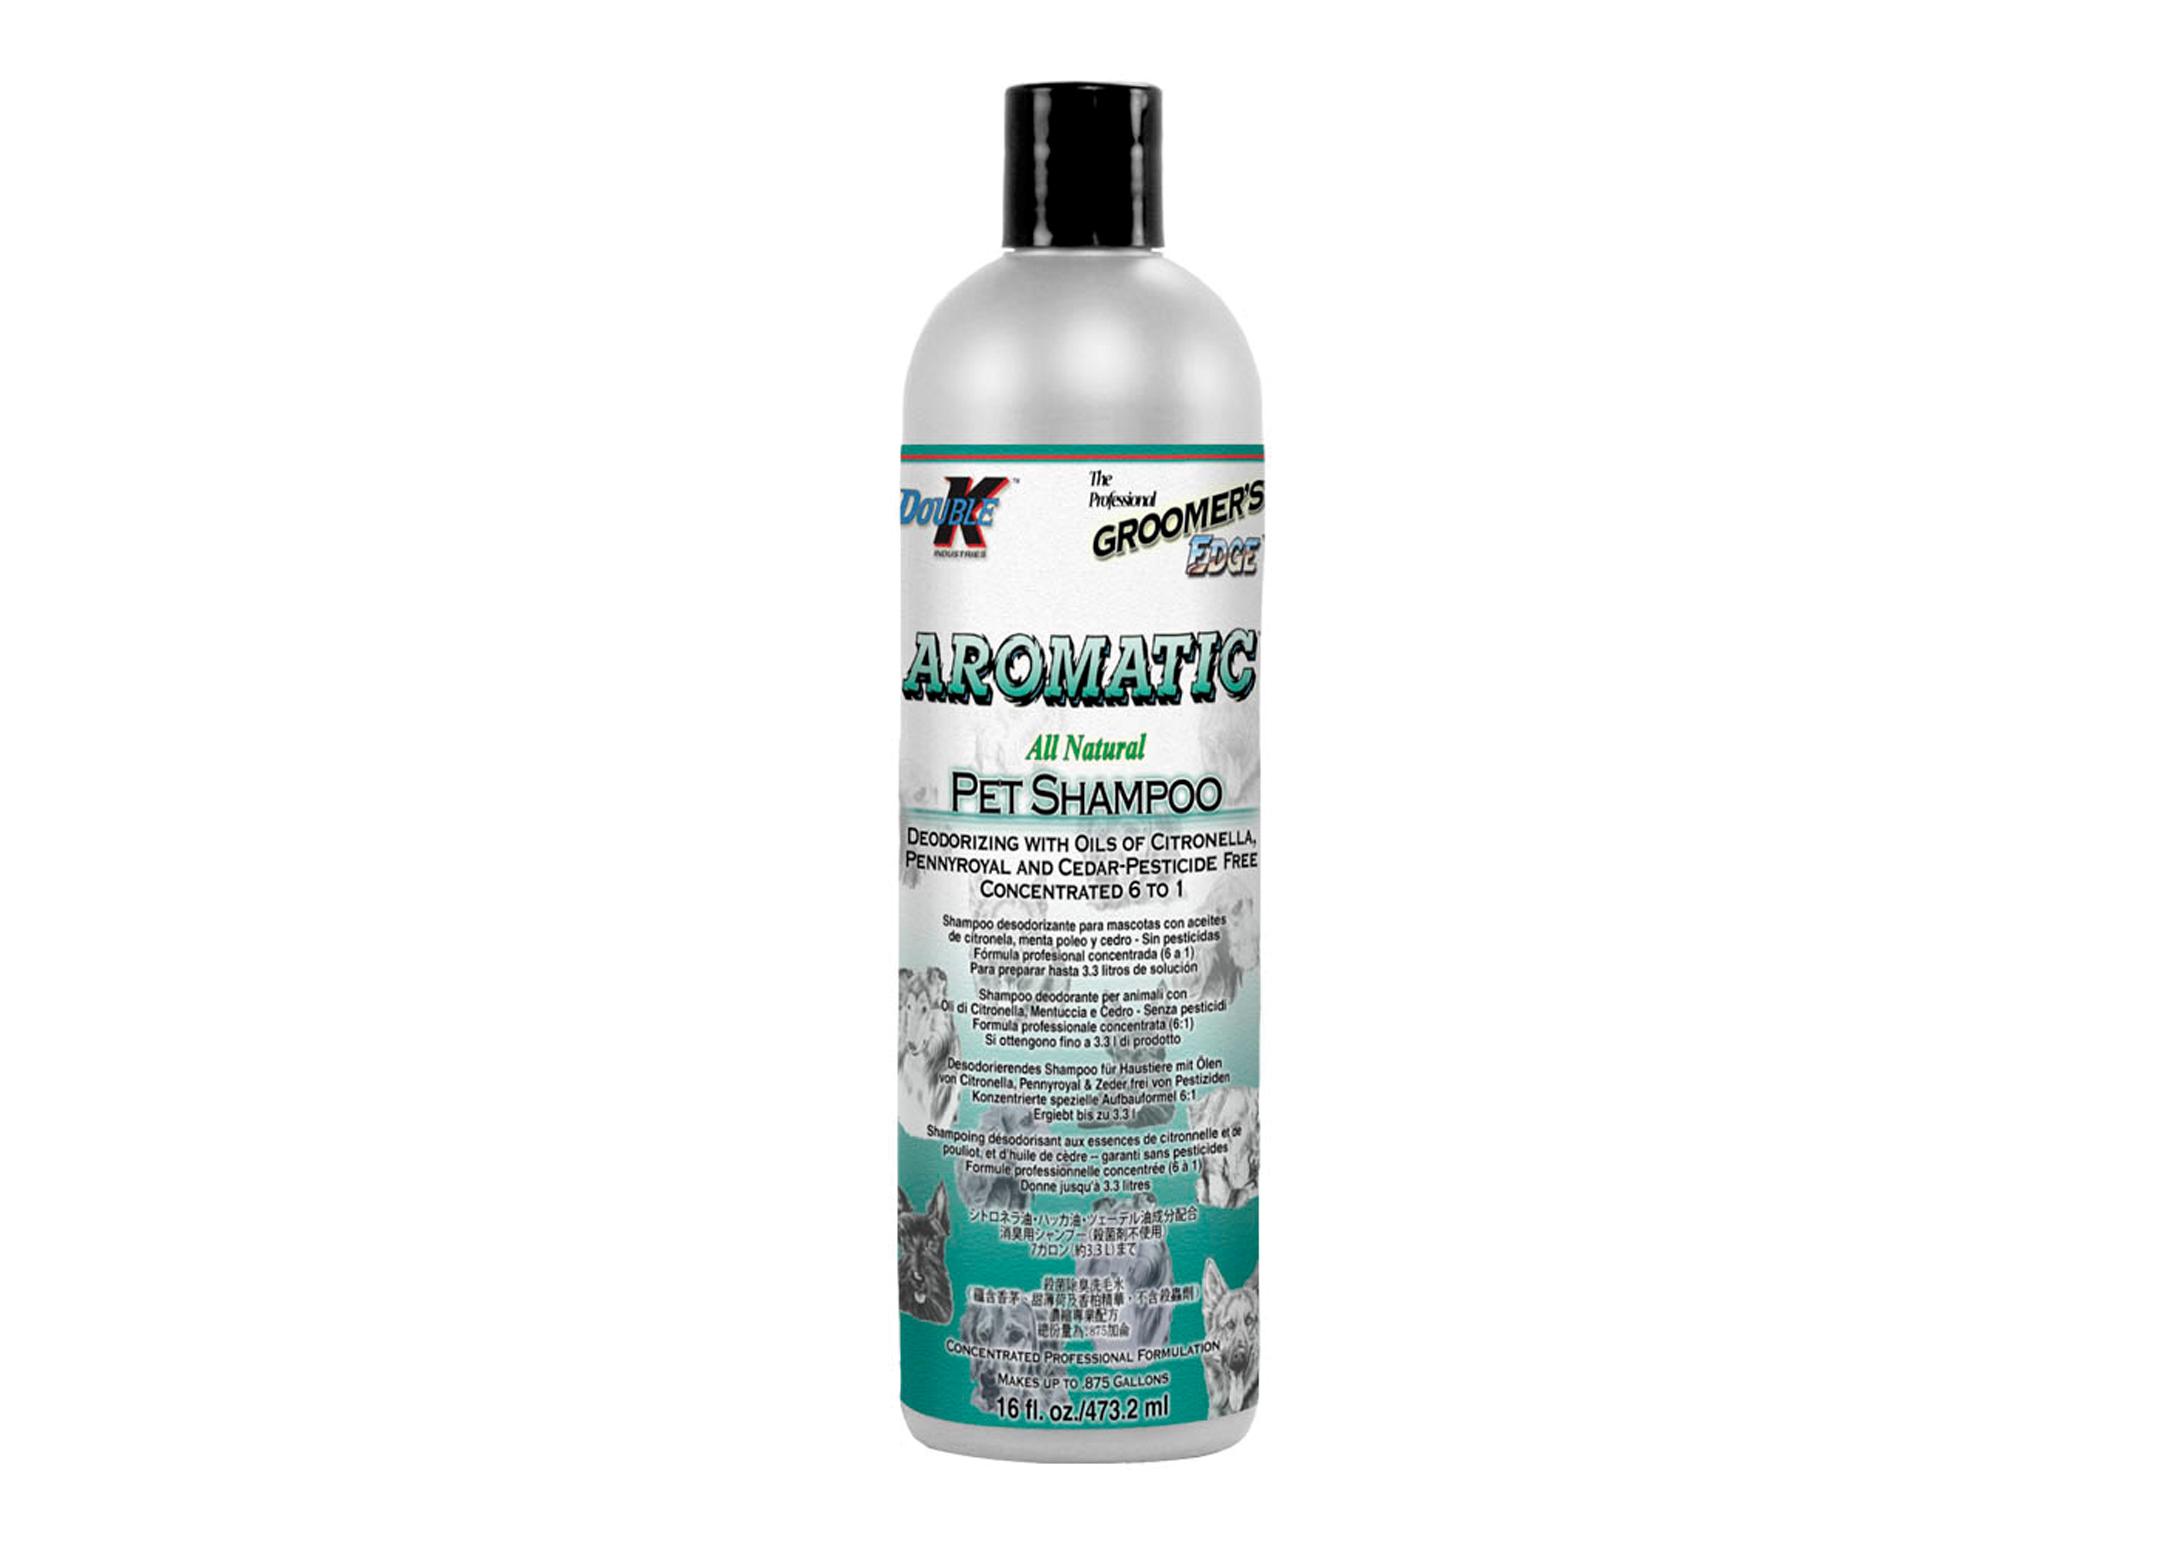 Double K Aromatic Shampoo Voor Honden, Katten En Paarden